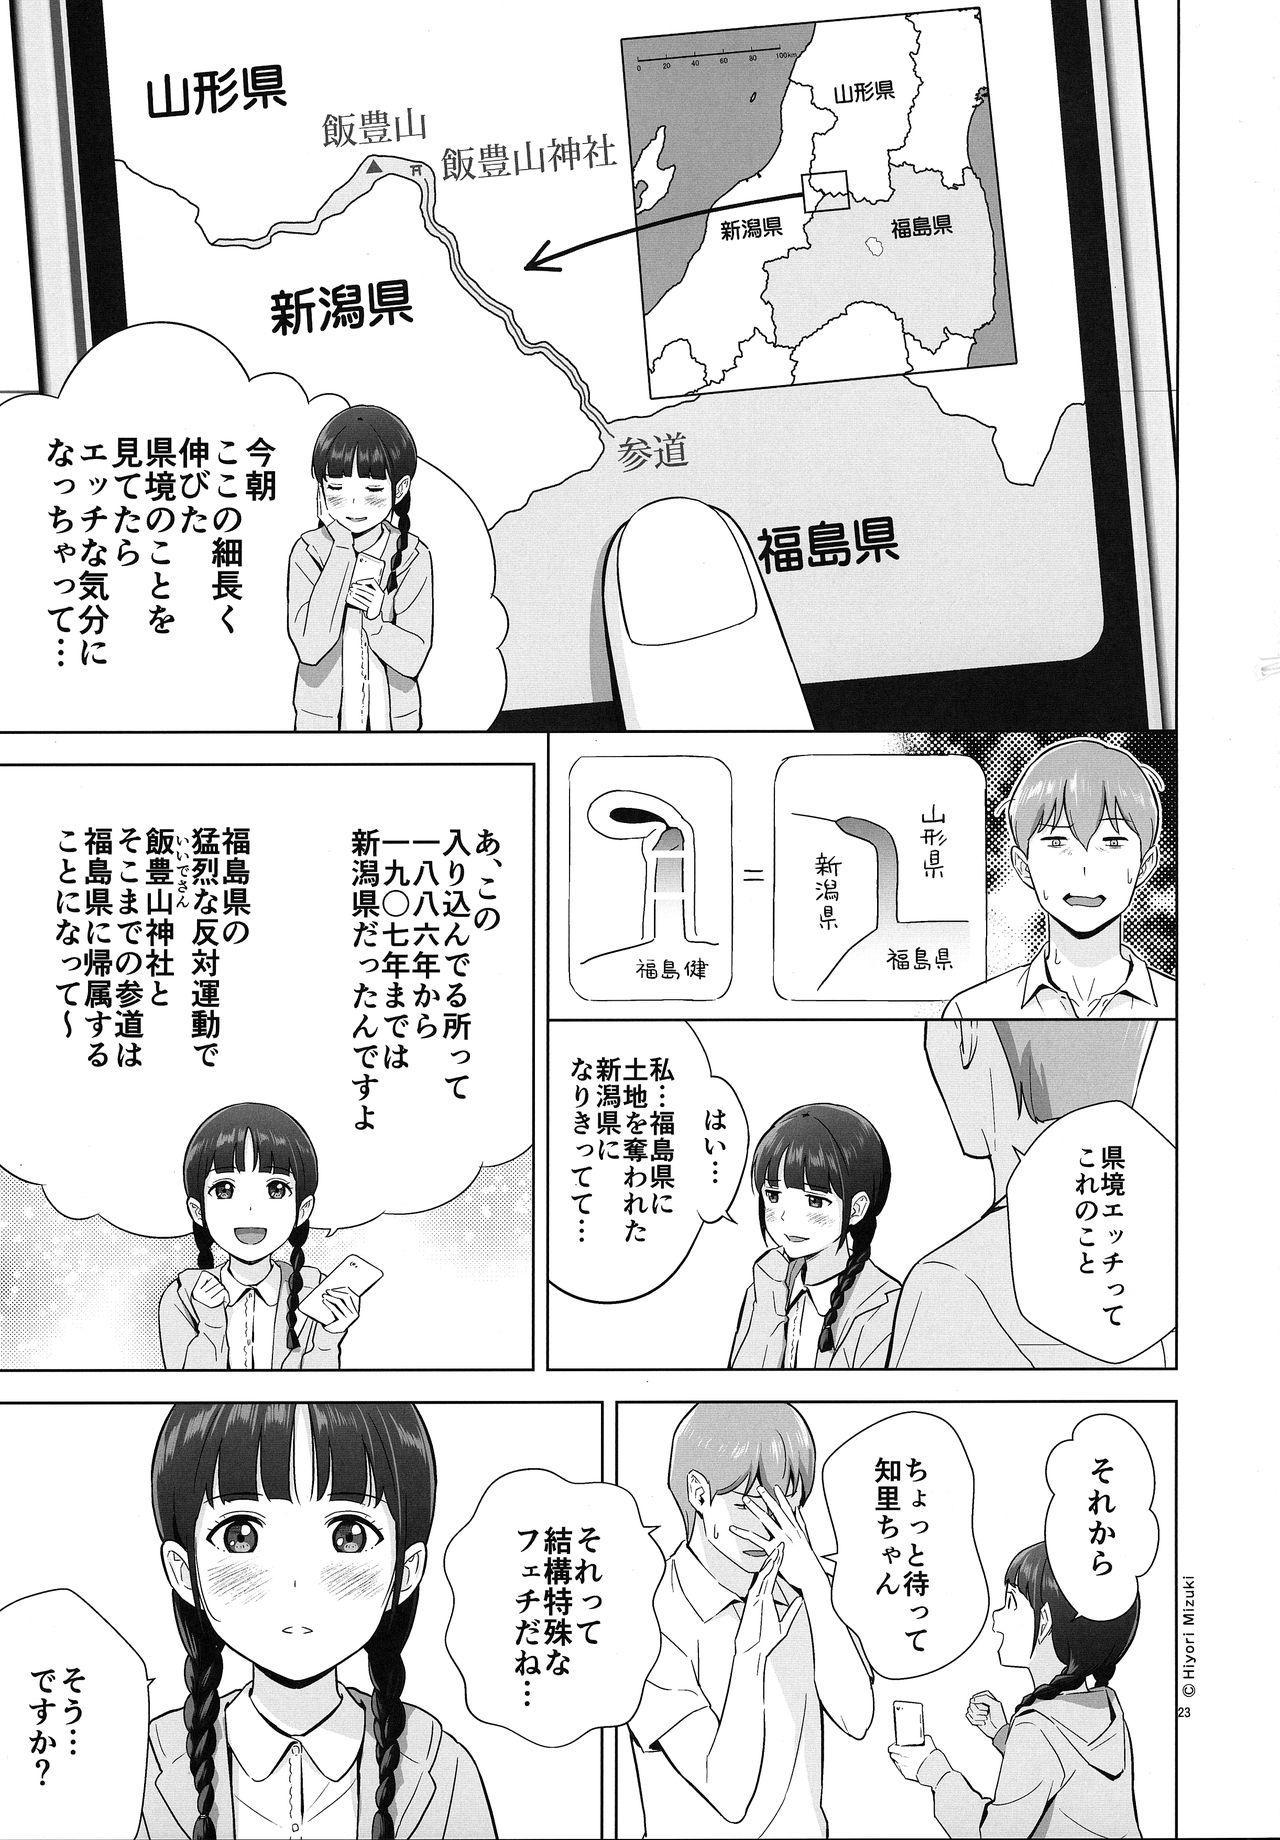 Senobi Shoujo to Icha Love Seikatsu Inoue Chiri 14-sai 23